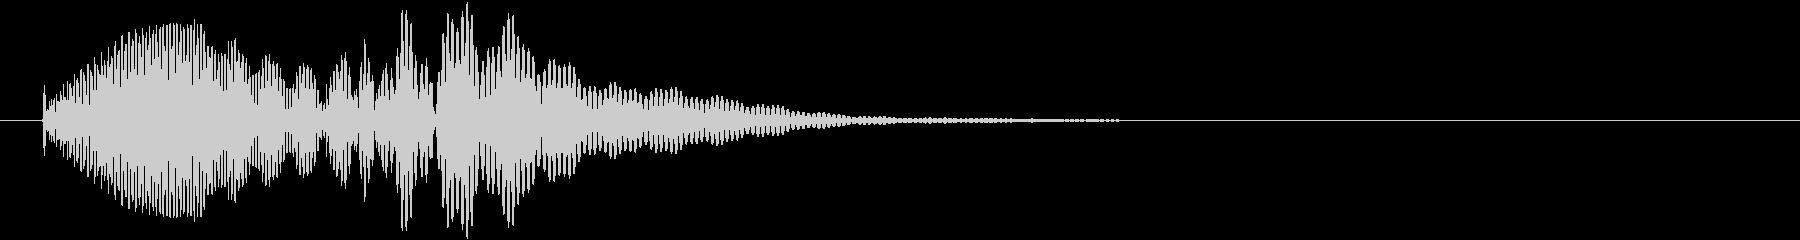 ポロロン(アプリ、ゲーム、決定)の未再生の波形